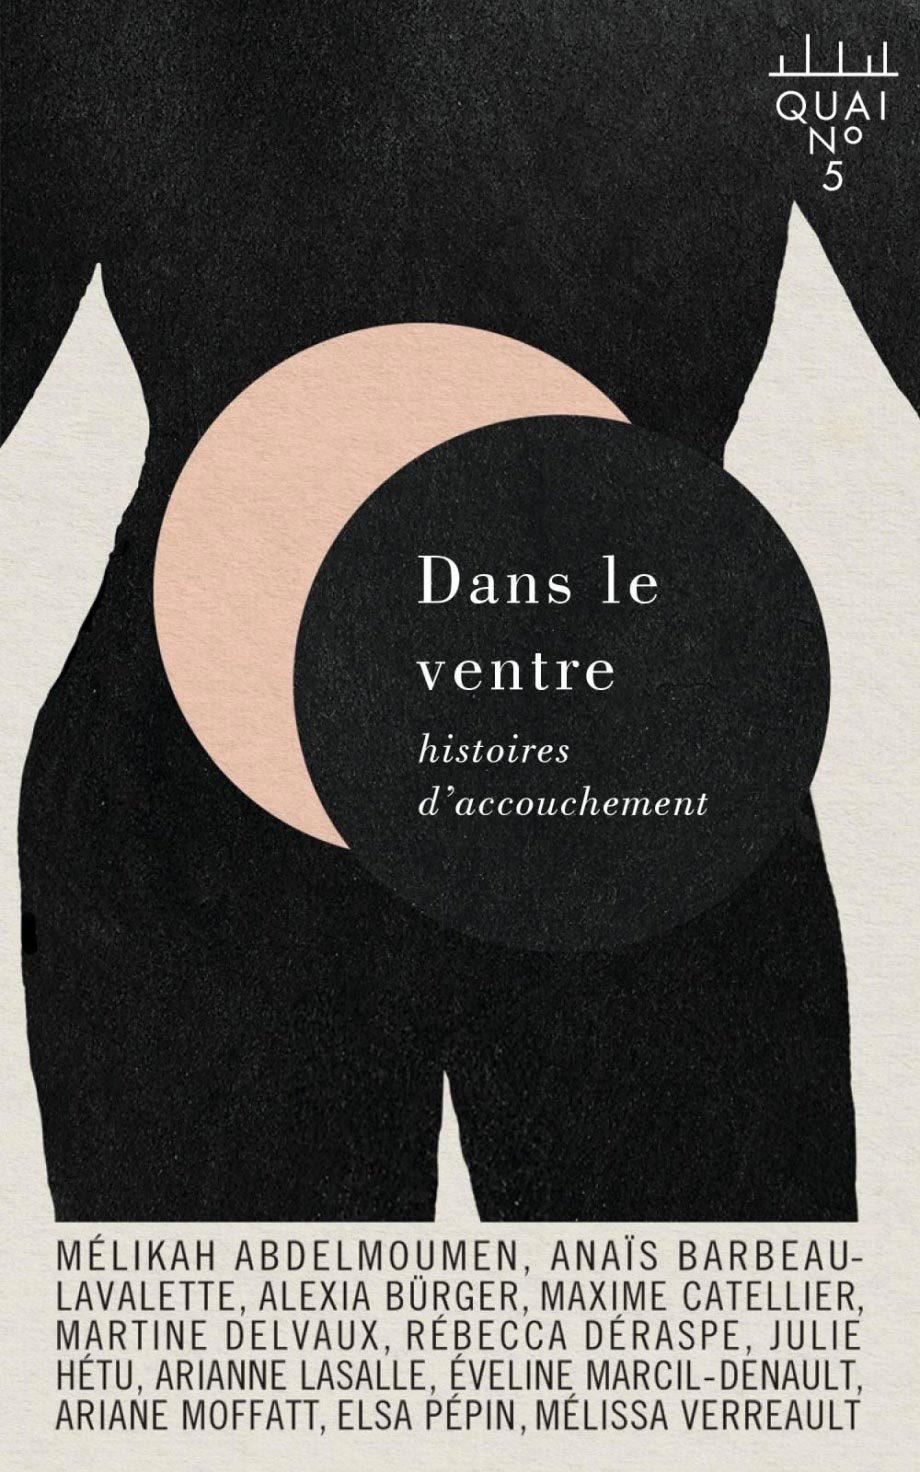 Idée cadeau fête des mères : un bon livre.